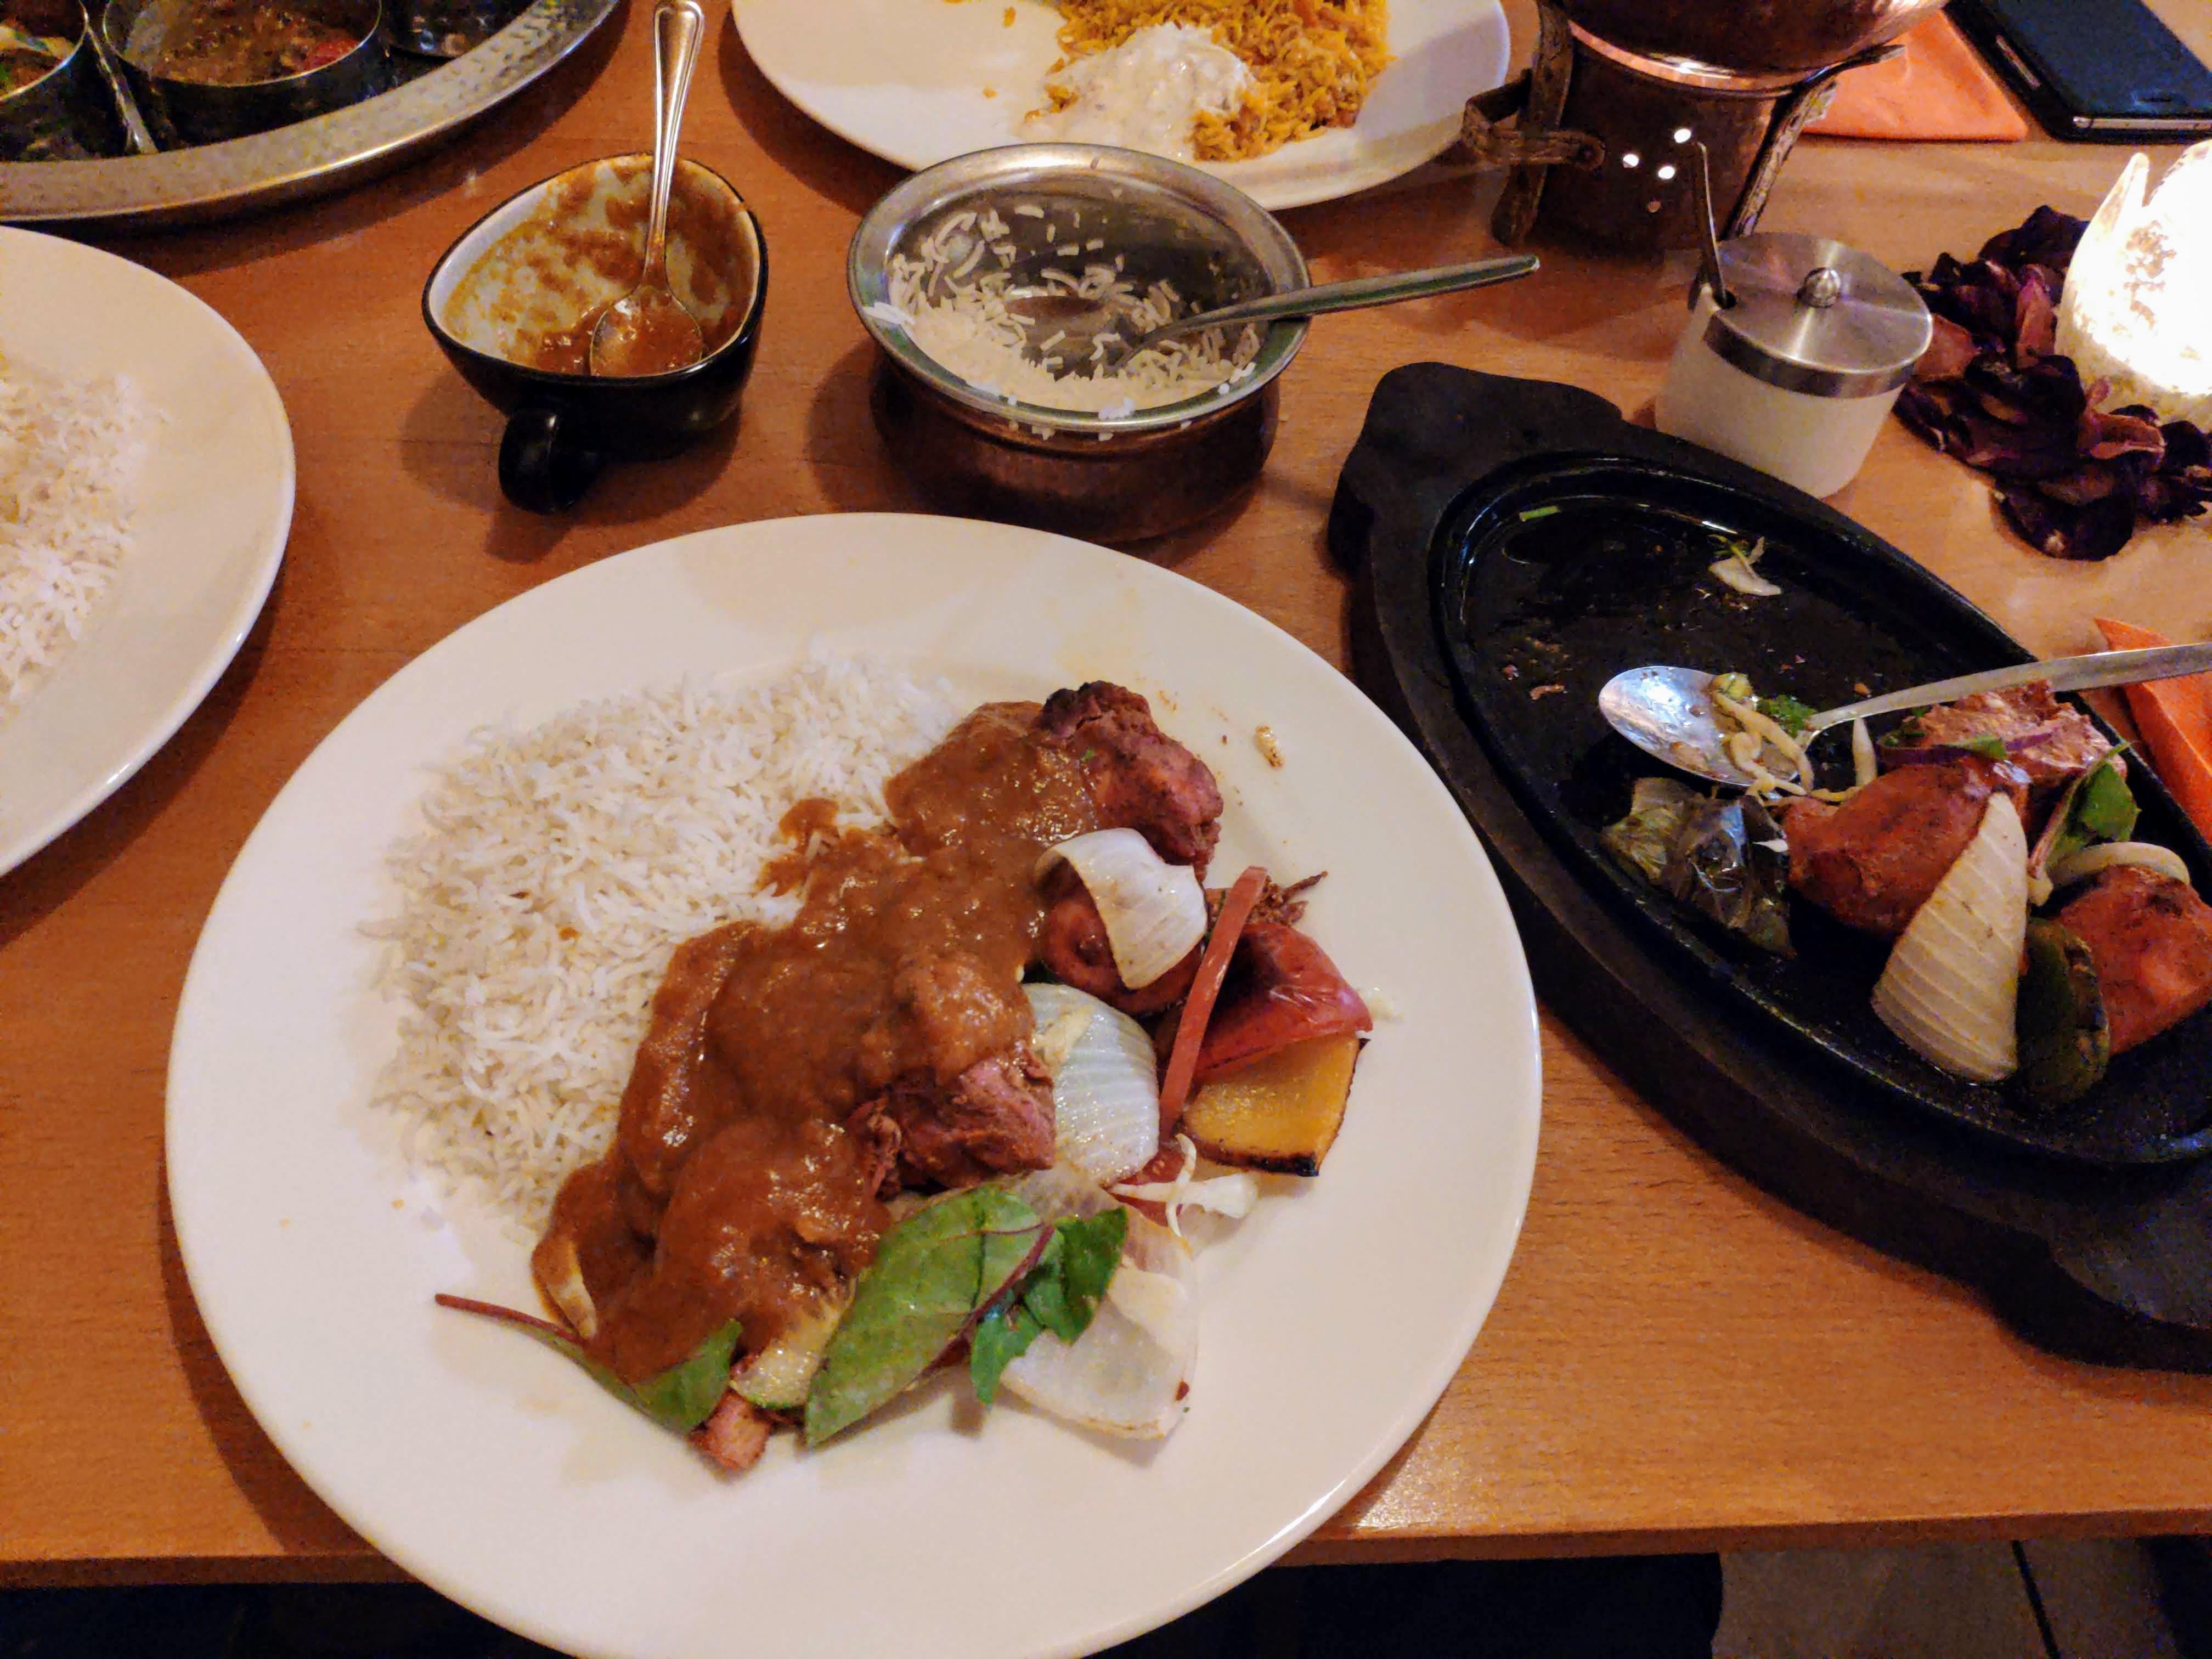 https://foodloader.net/nico_2020-08-22_chicken-tikka-masala.jpg